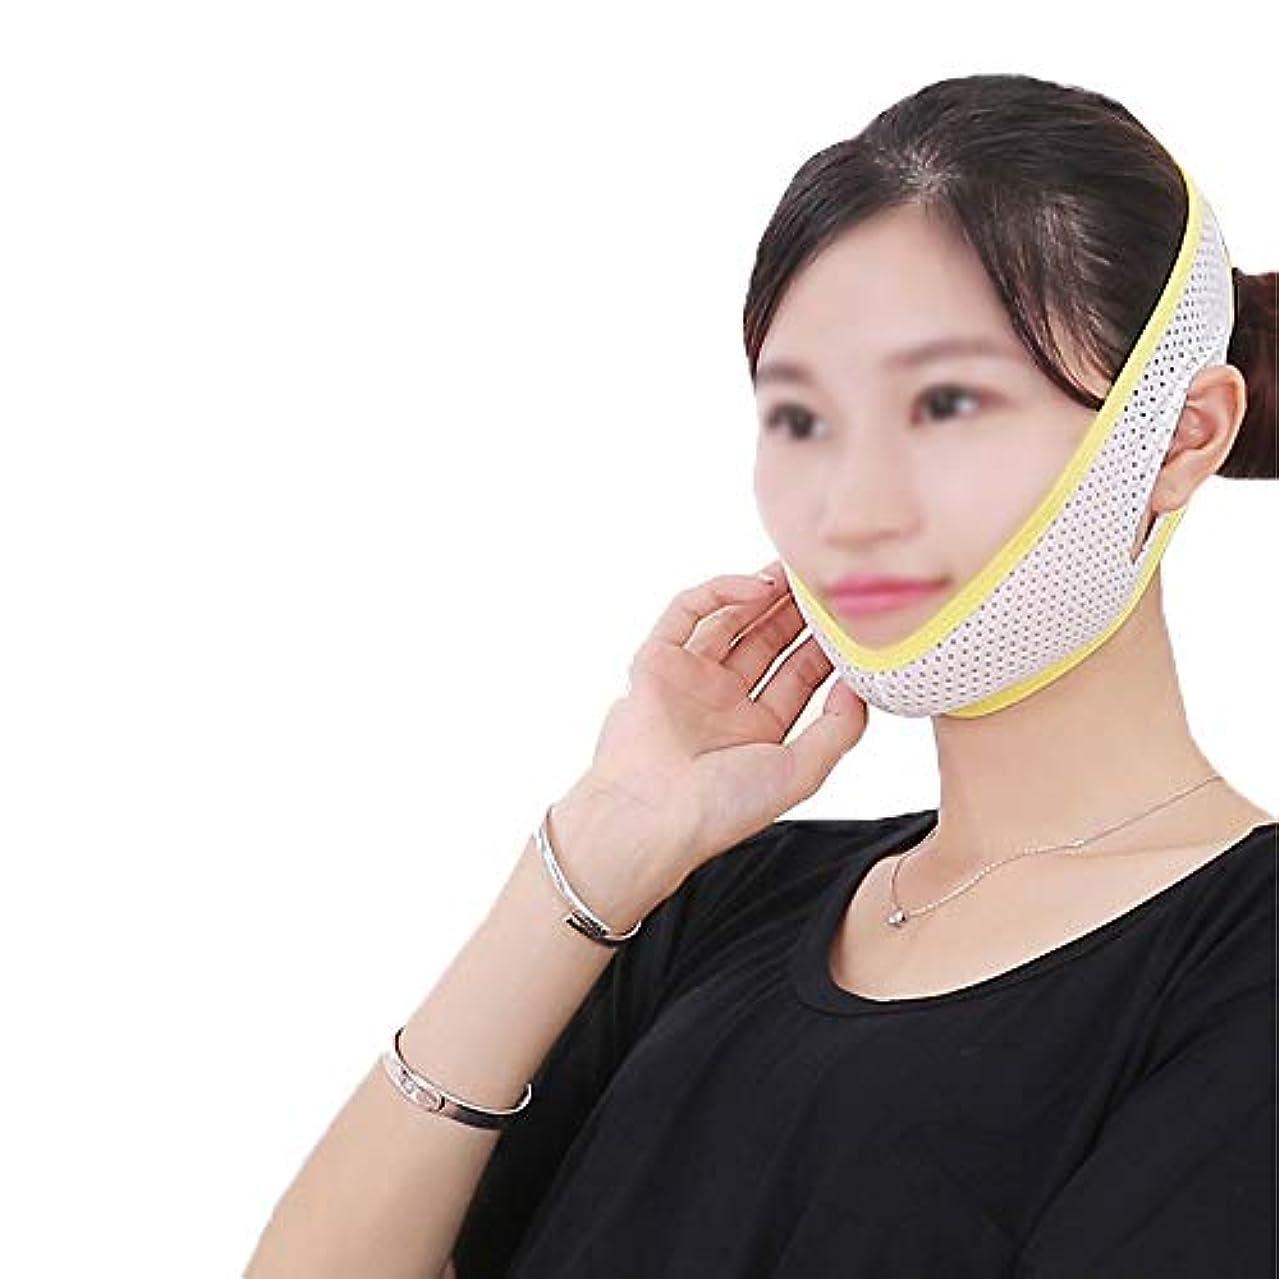 覆す尋ねるトレースXHLMRMJ 顔と首のリフト、フェイスリフトマスク強力なフェイスリフティングツール引き締めとリフティングスキニーフェイスマスクアーチファクトフェイスリフティング包帯フェイスリフティングデバイス (Size : M)